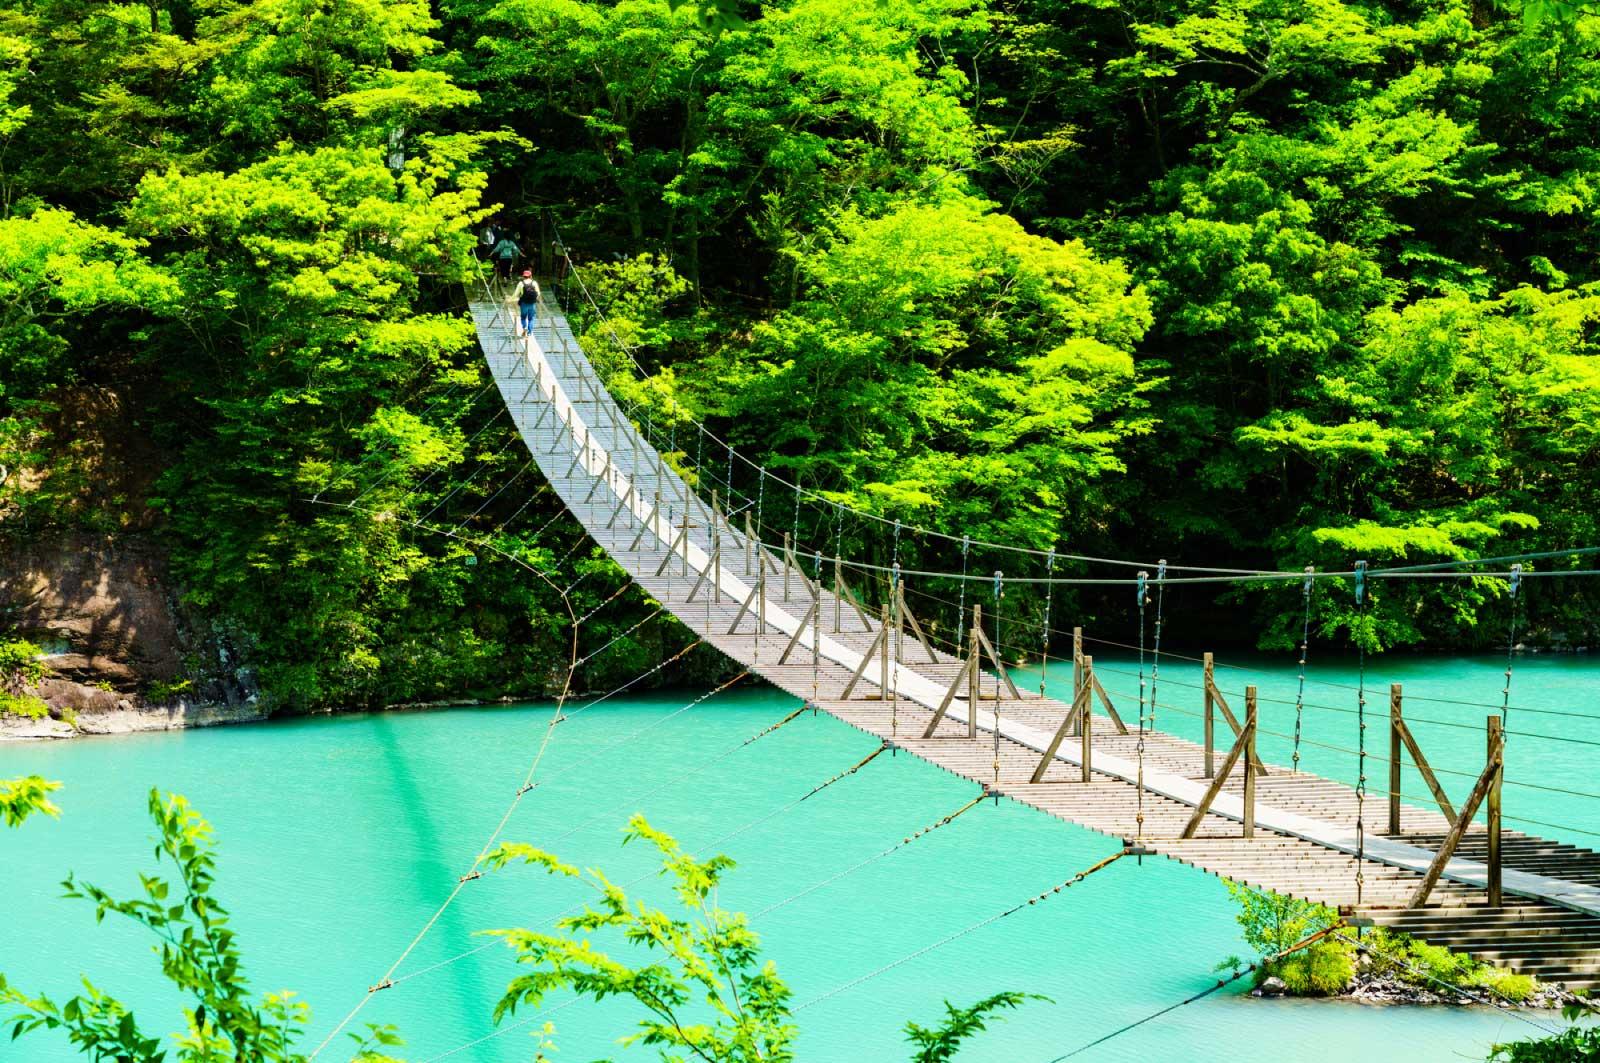 「夢のつり橋」とダム湖